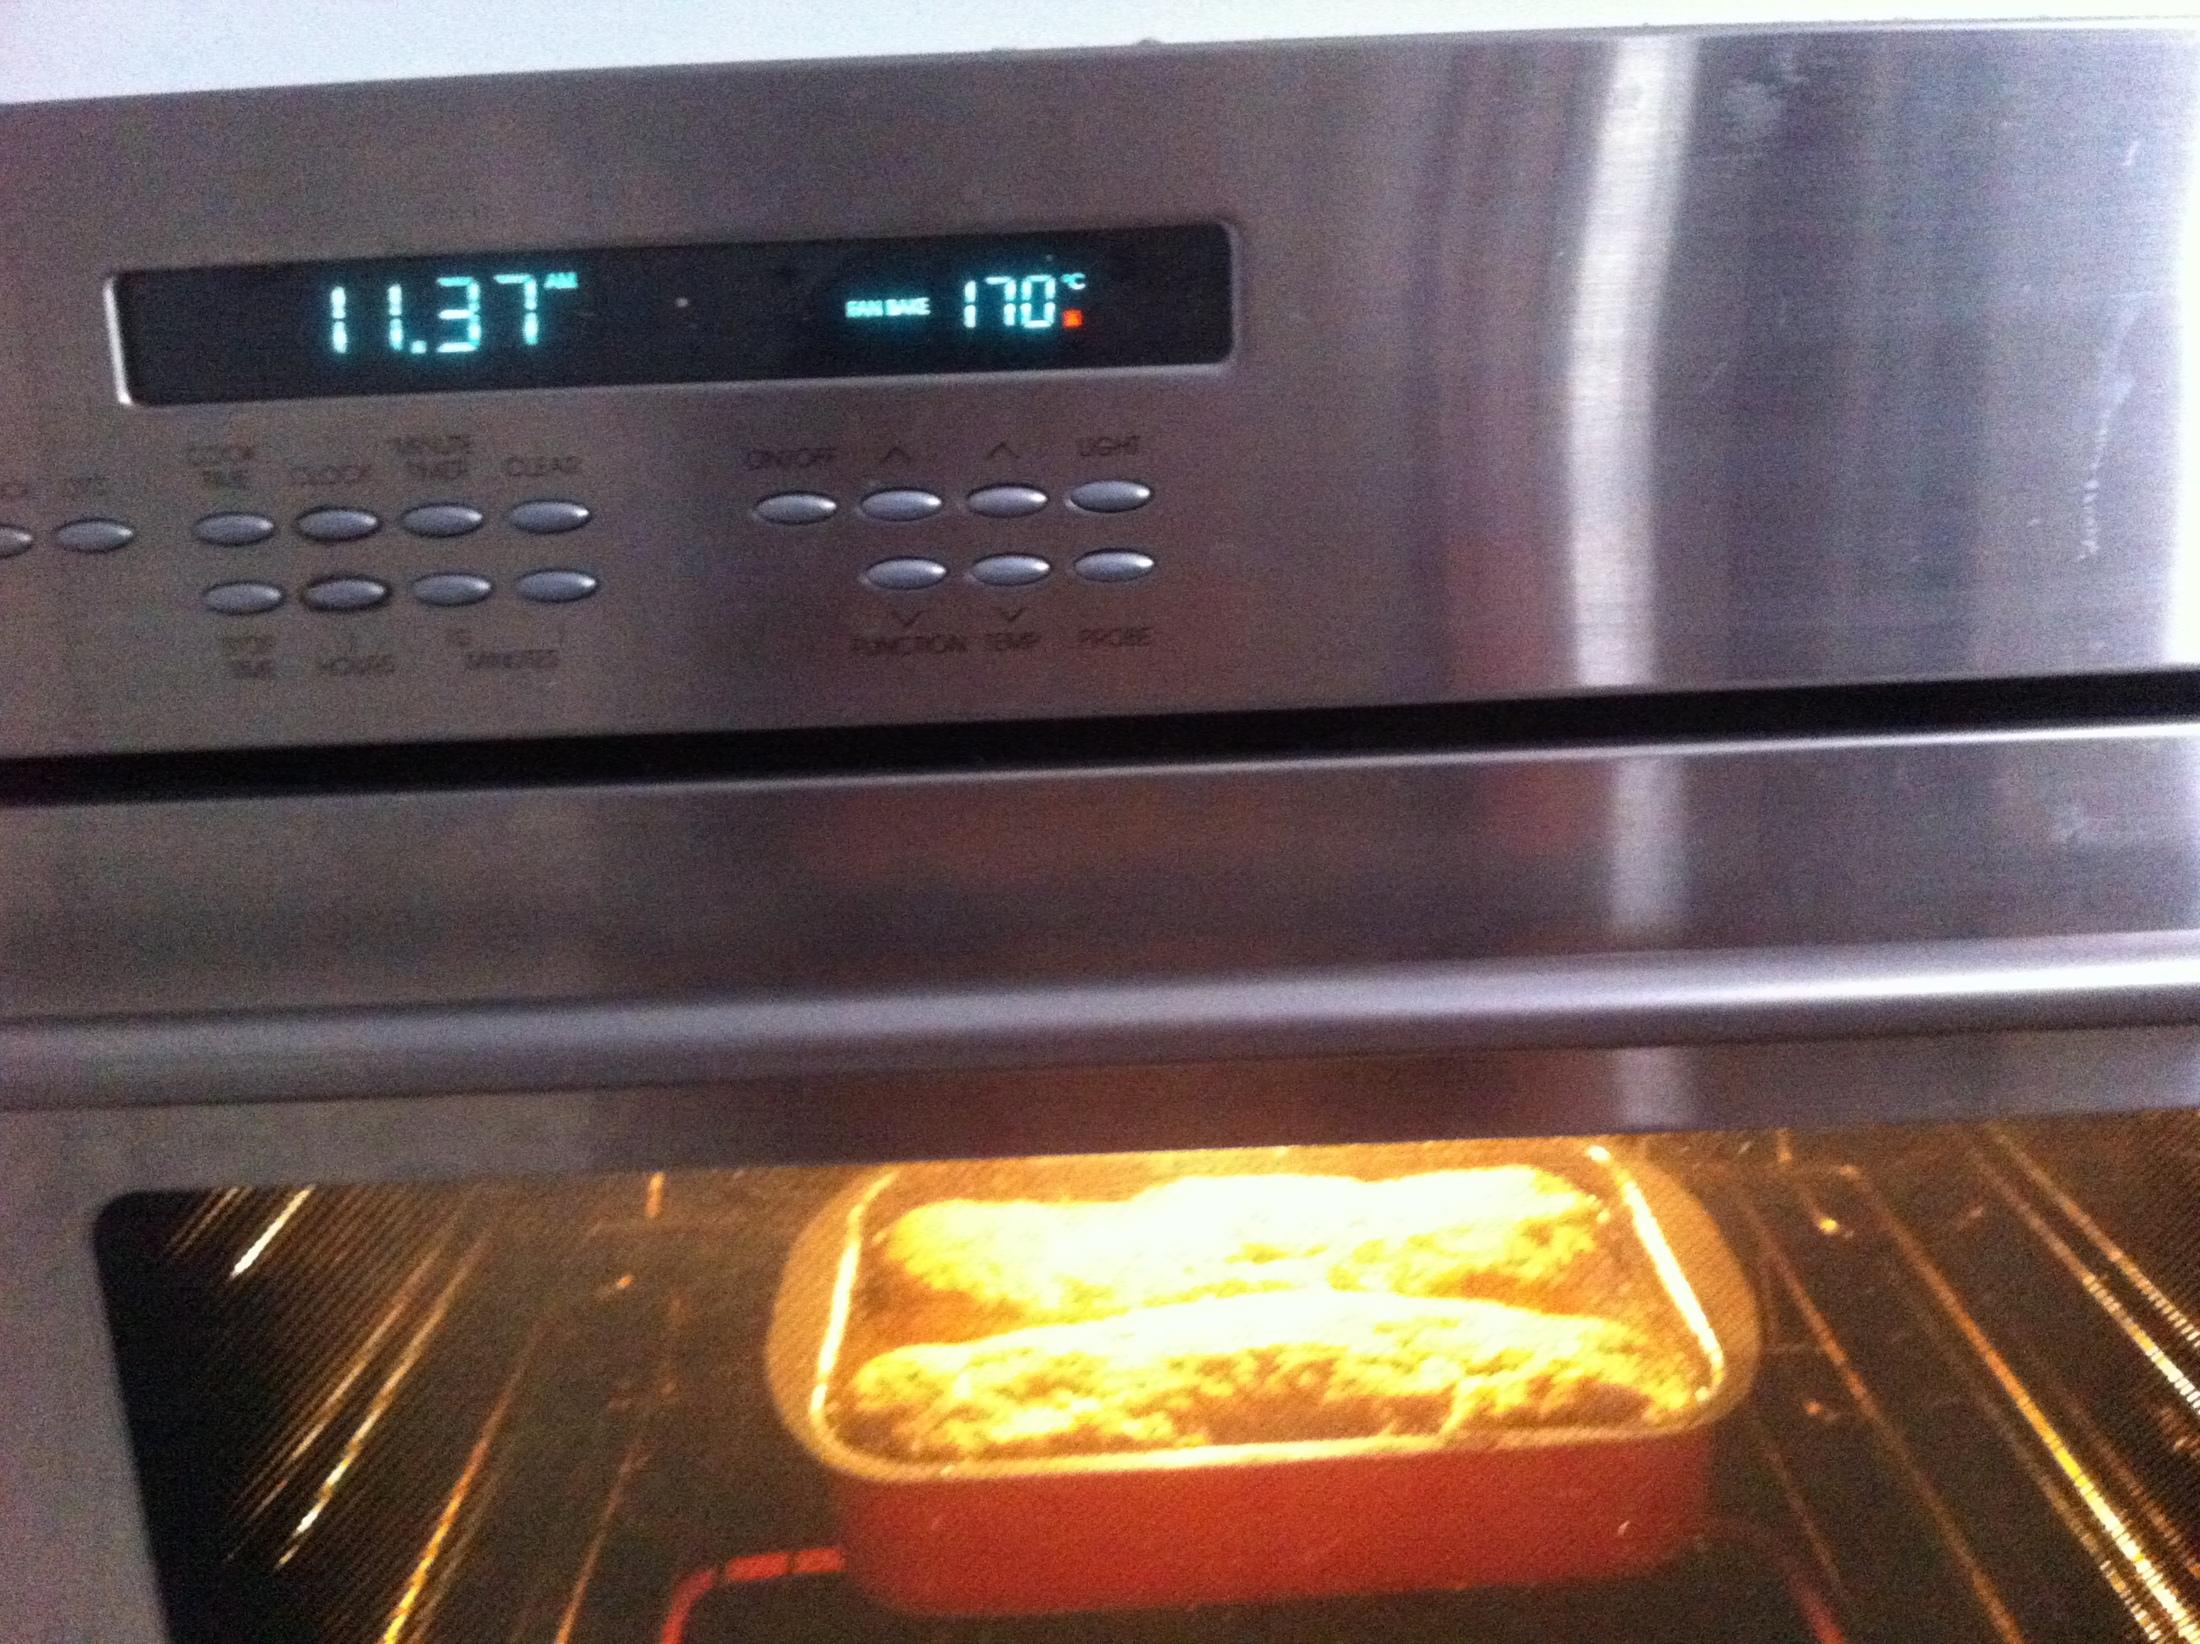 Recept Domácí sekaná - A dame pect na 170 stupnu do trouby a peceme tak hodinku, jak vic chyti barvu uberu na 160 az 165 a necham dopect za obcasneho podlevani, ale ani neni treba! Hotove jsem zapomela ofotit,tak zas priste! Dobrou chut preju